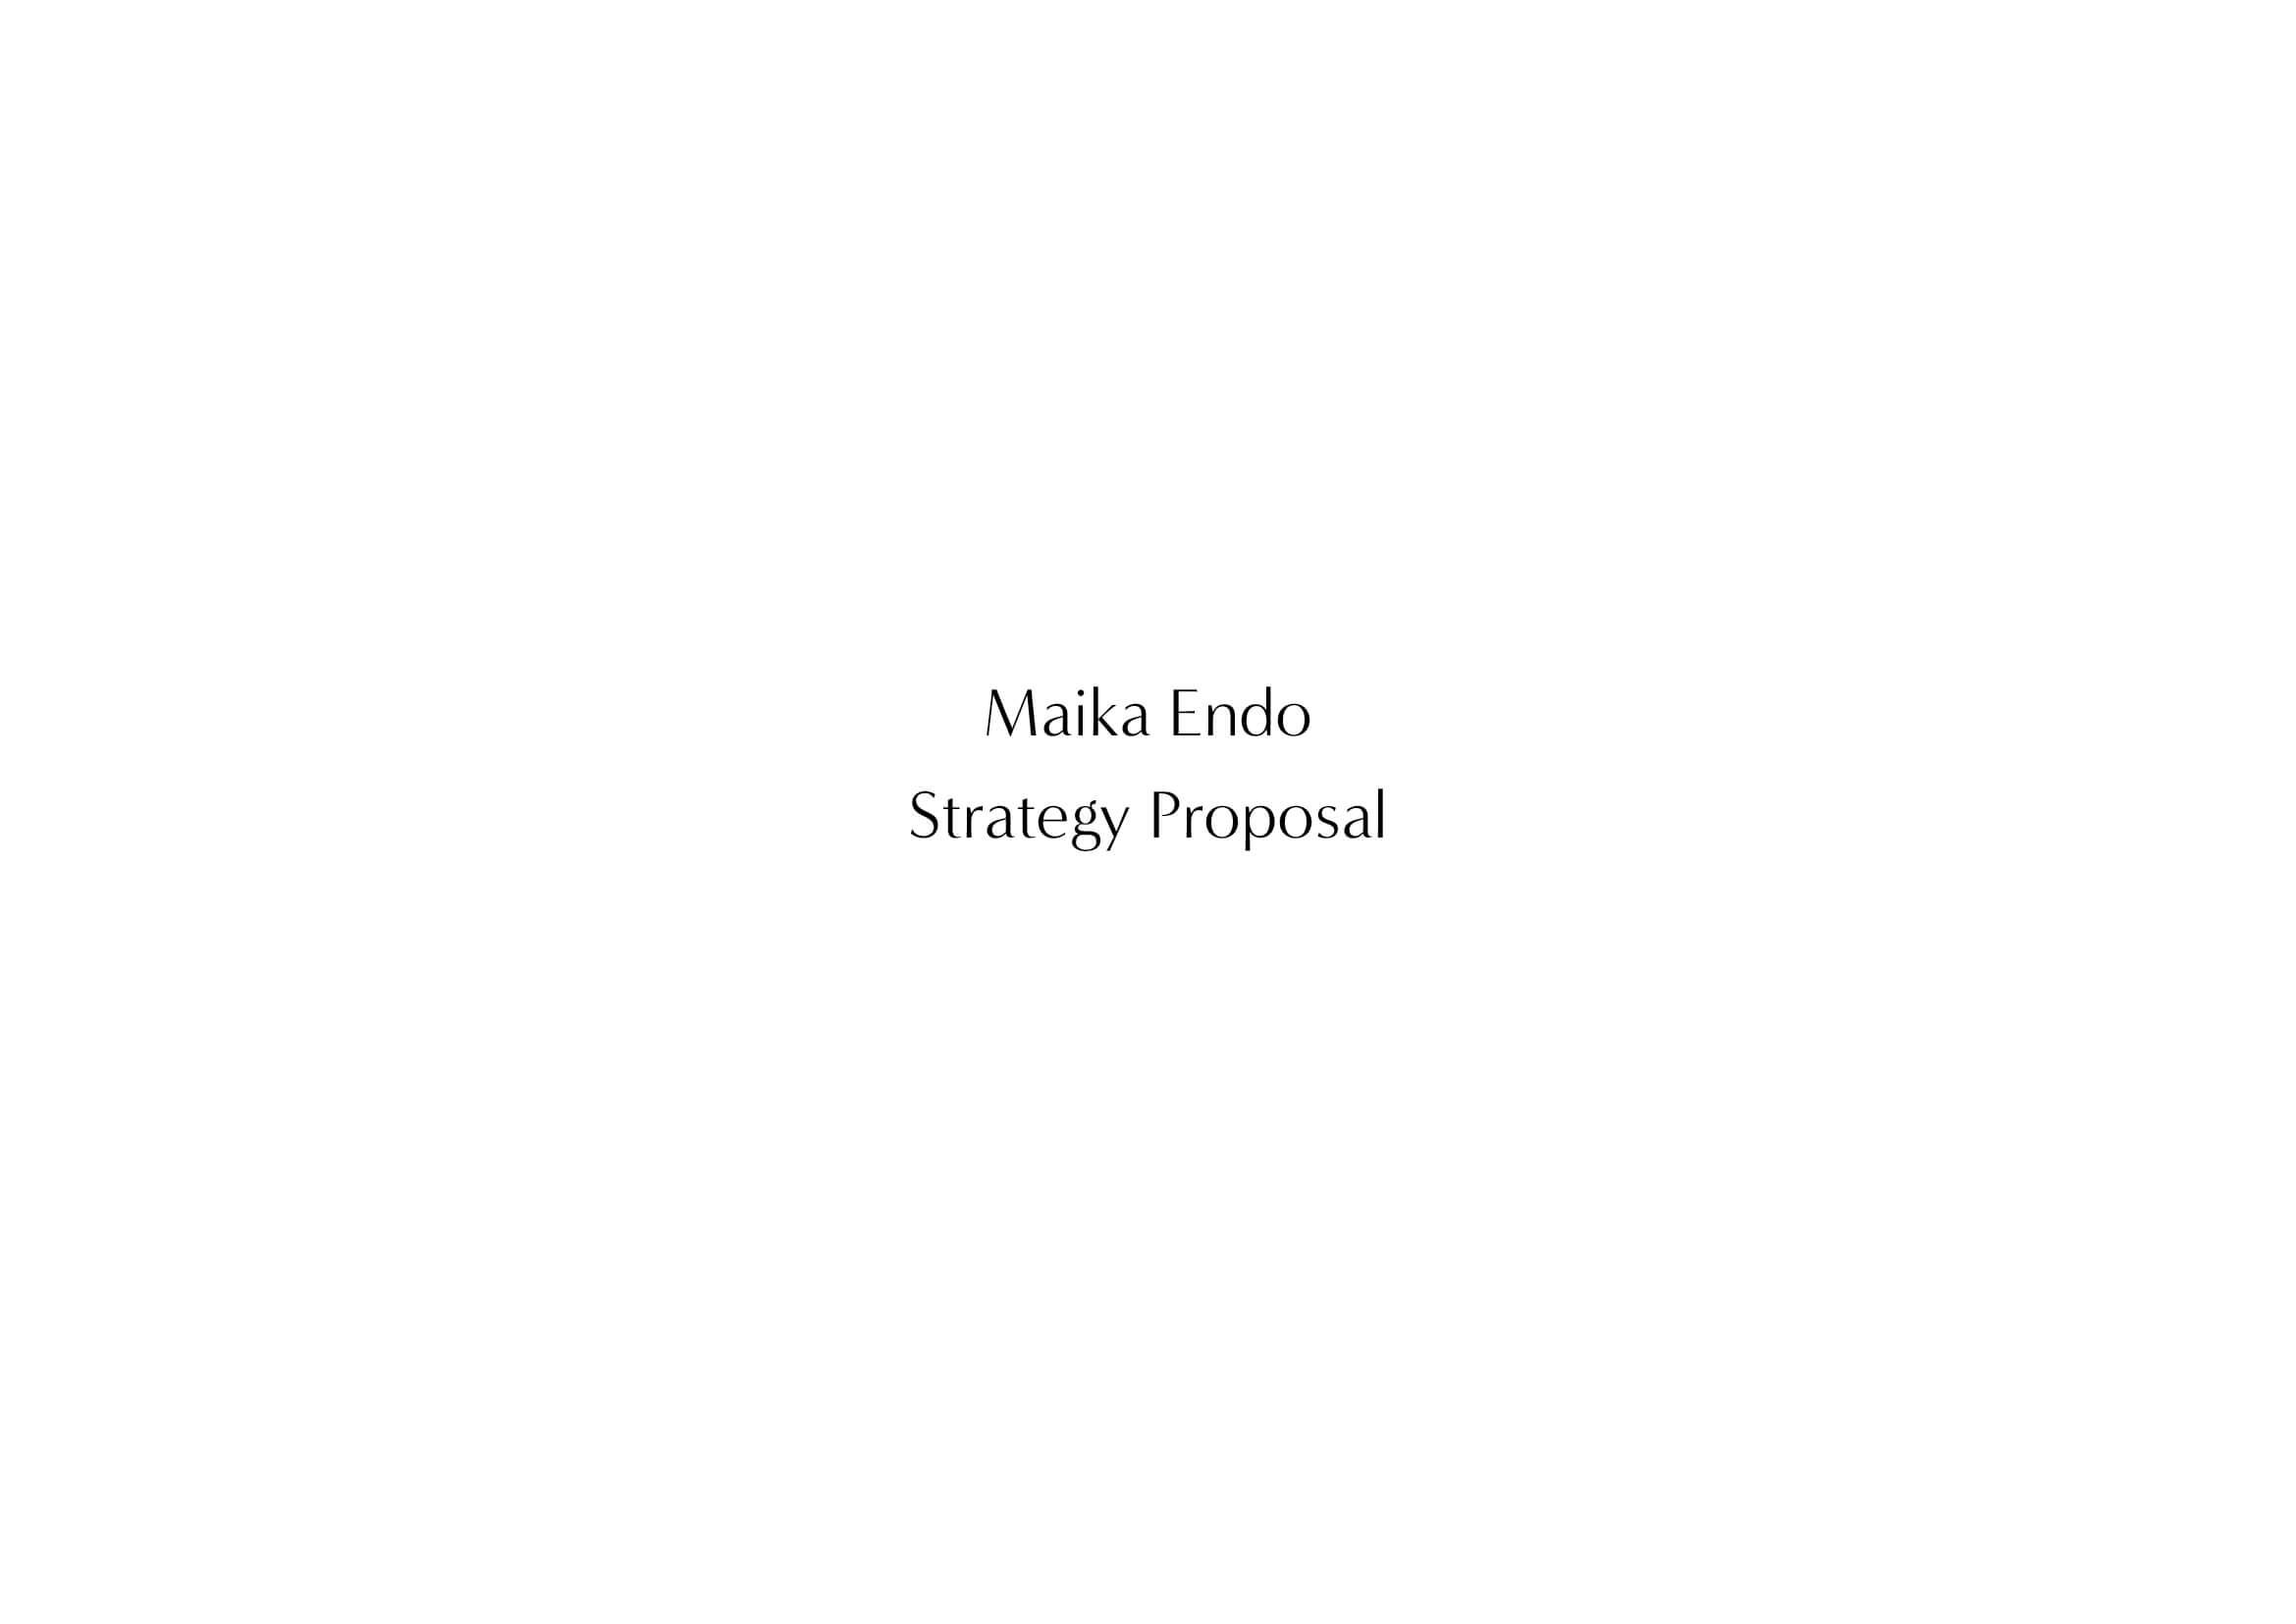 Maika Endo Strategy Proposal Round 2.jpg